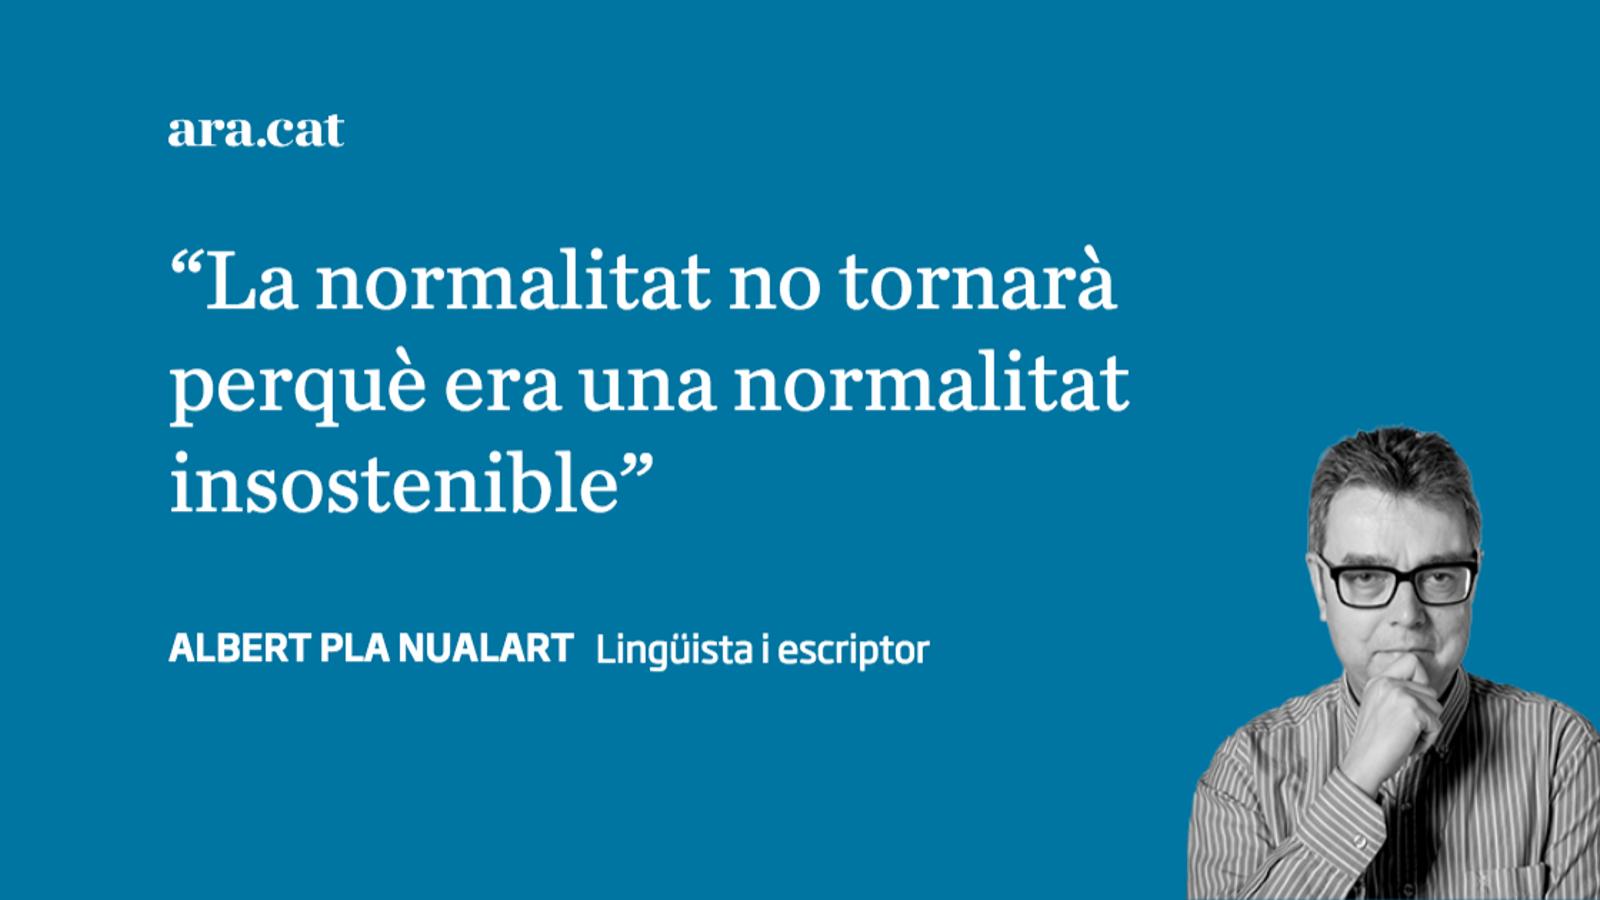 La normalitat no tornarà